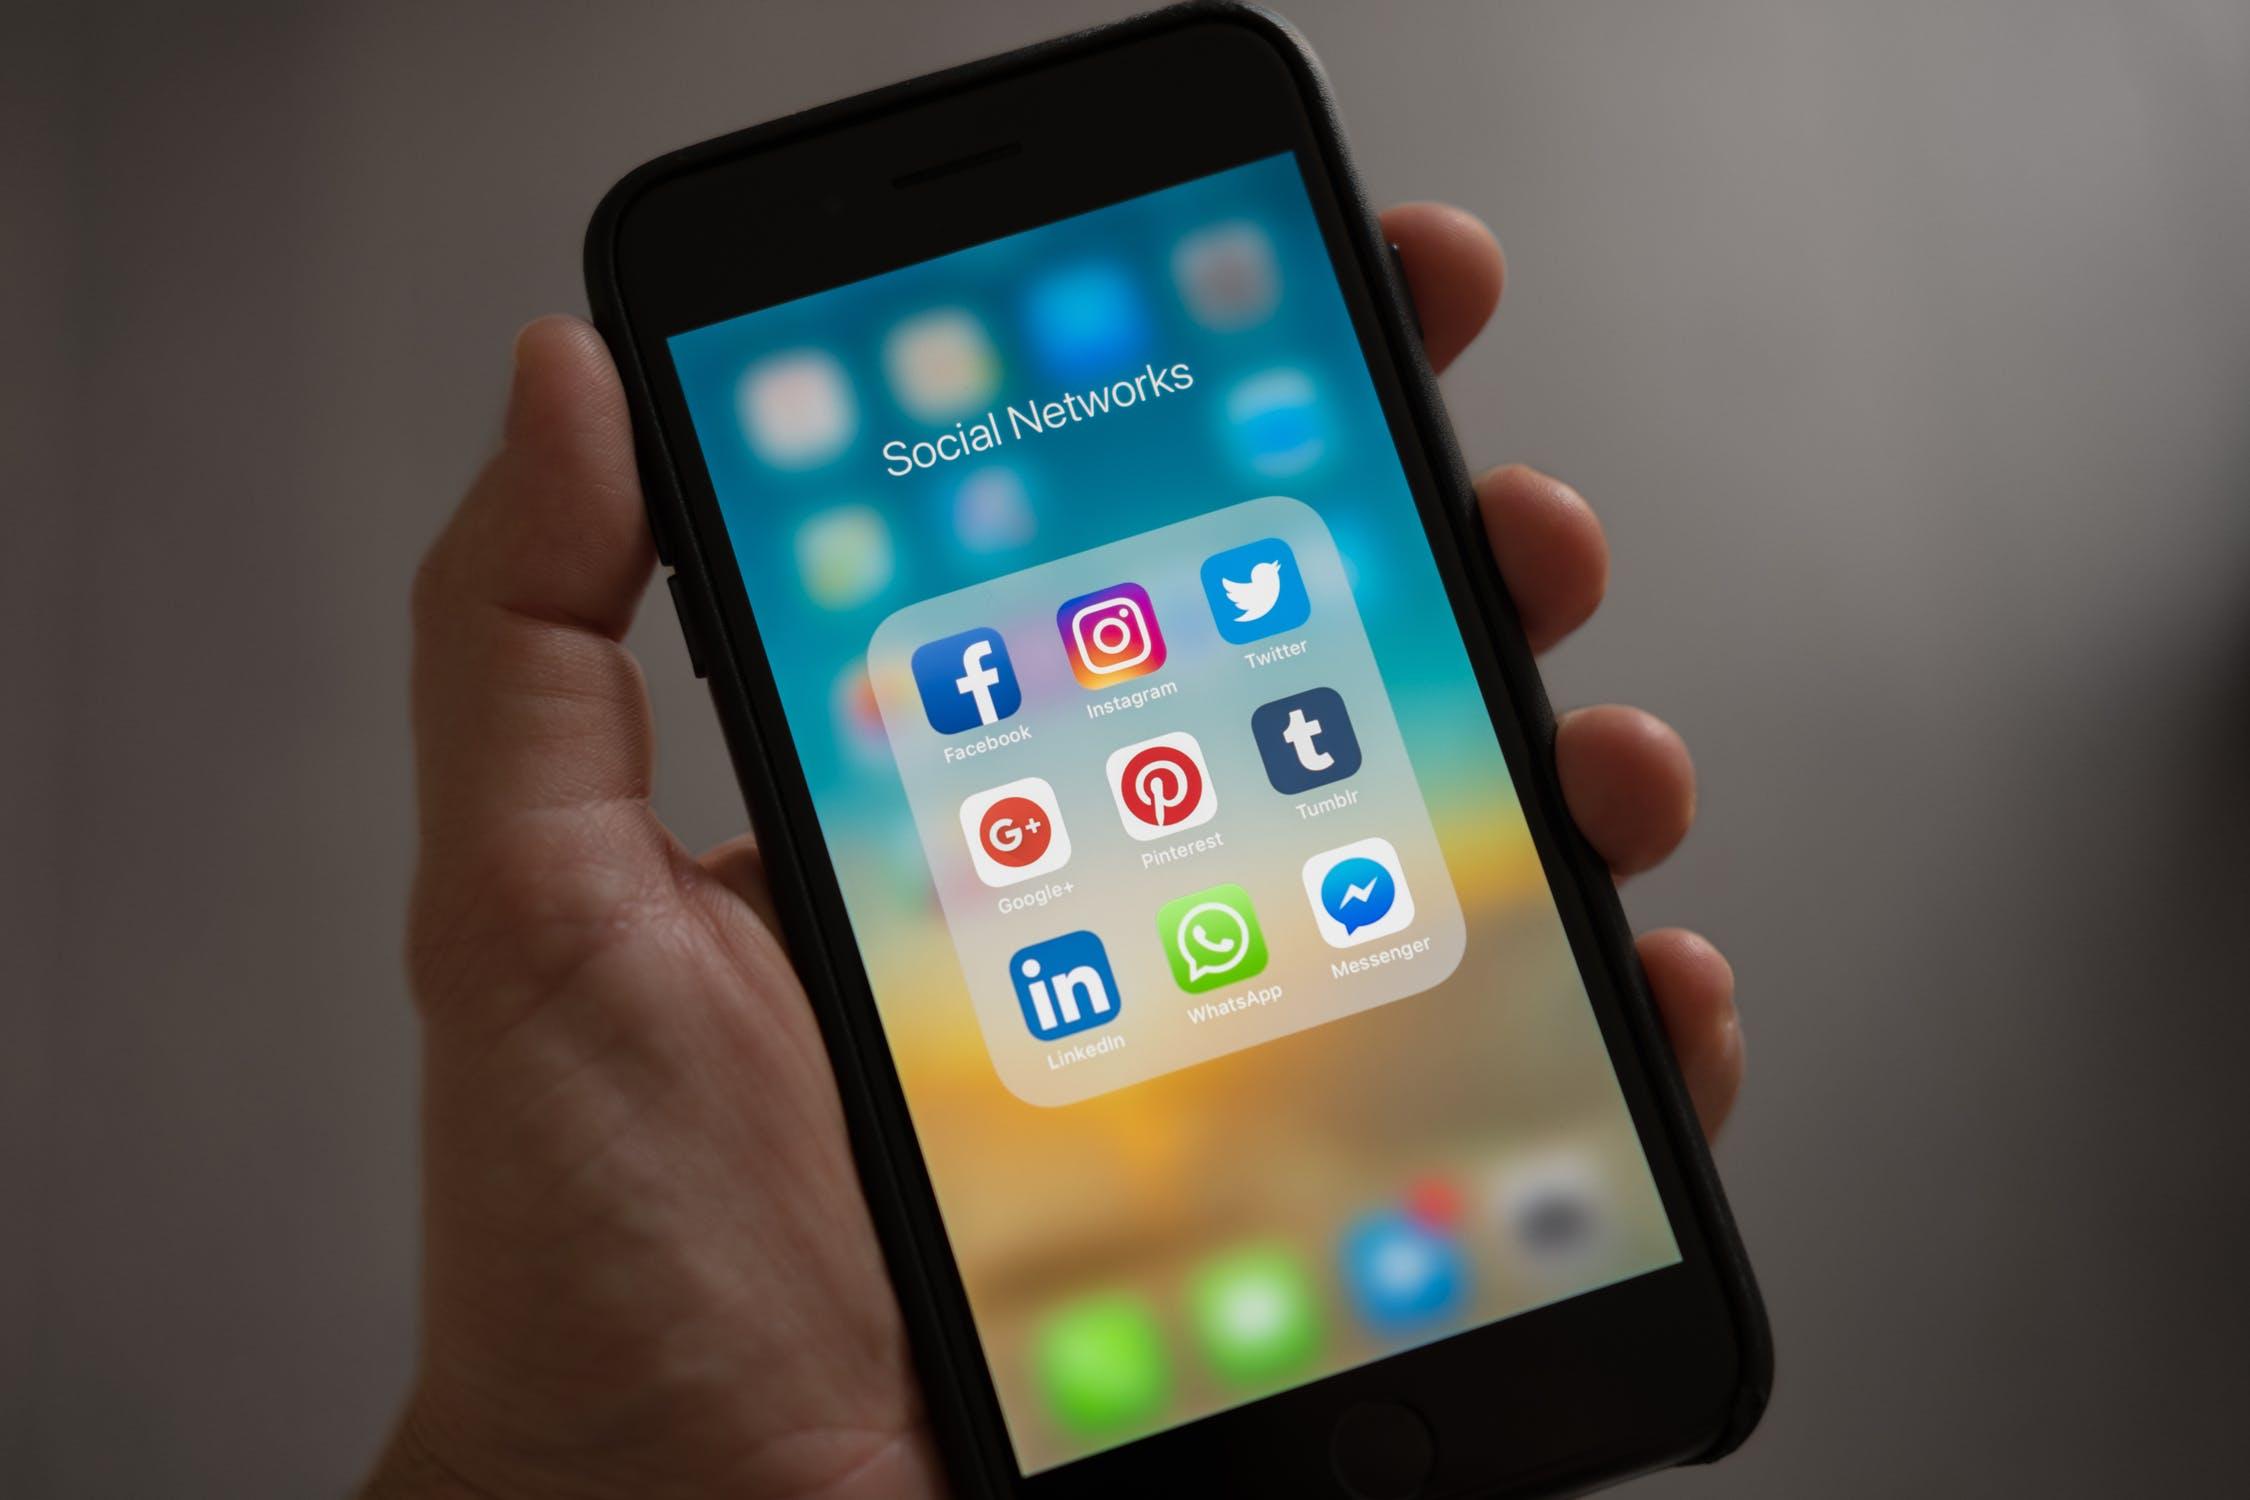 réseaux sociaux mobile